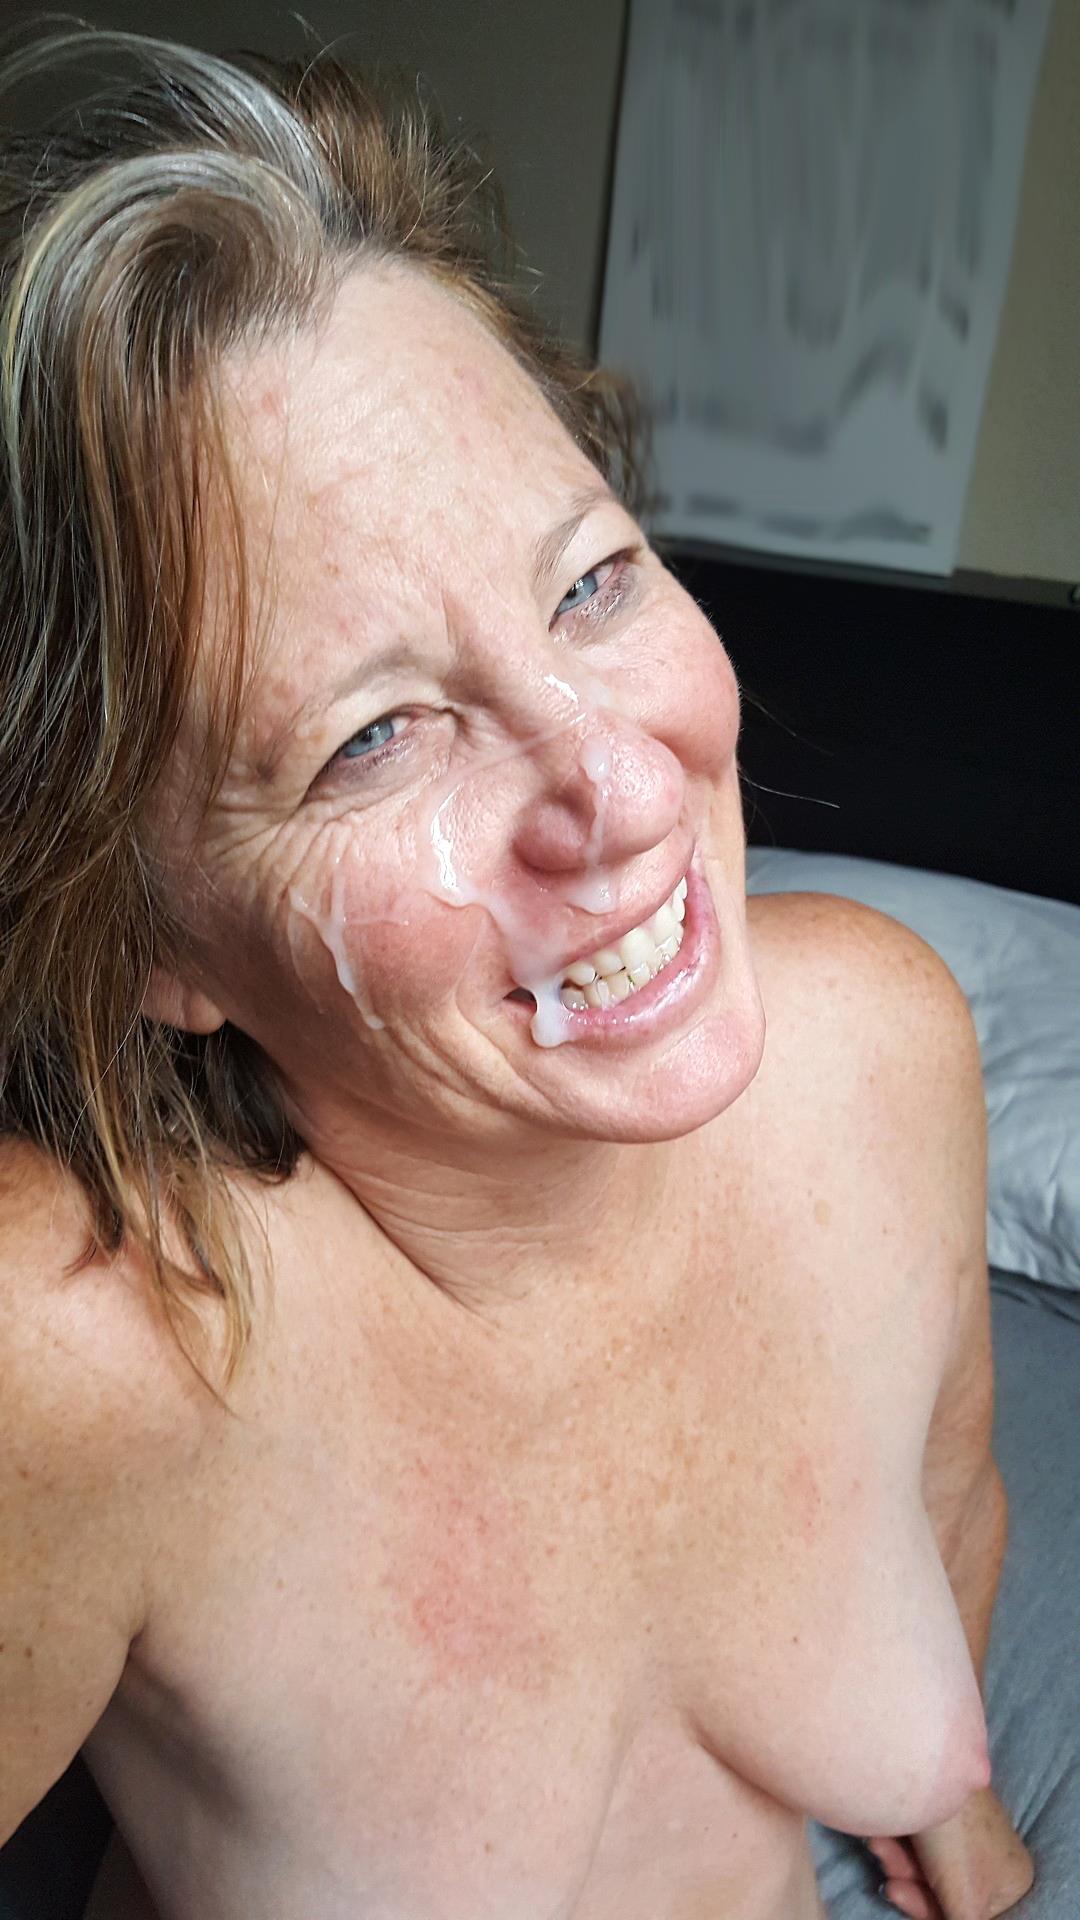 Cum facial mature Old Women